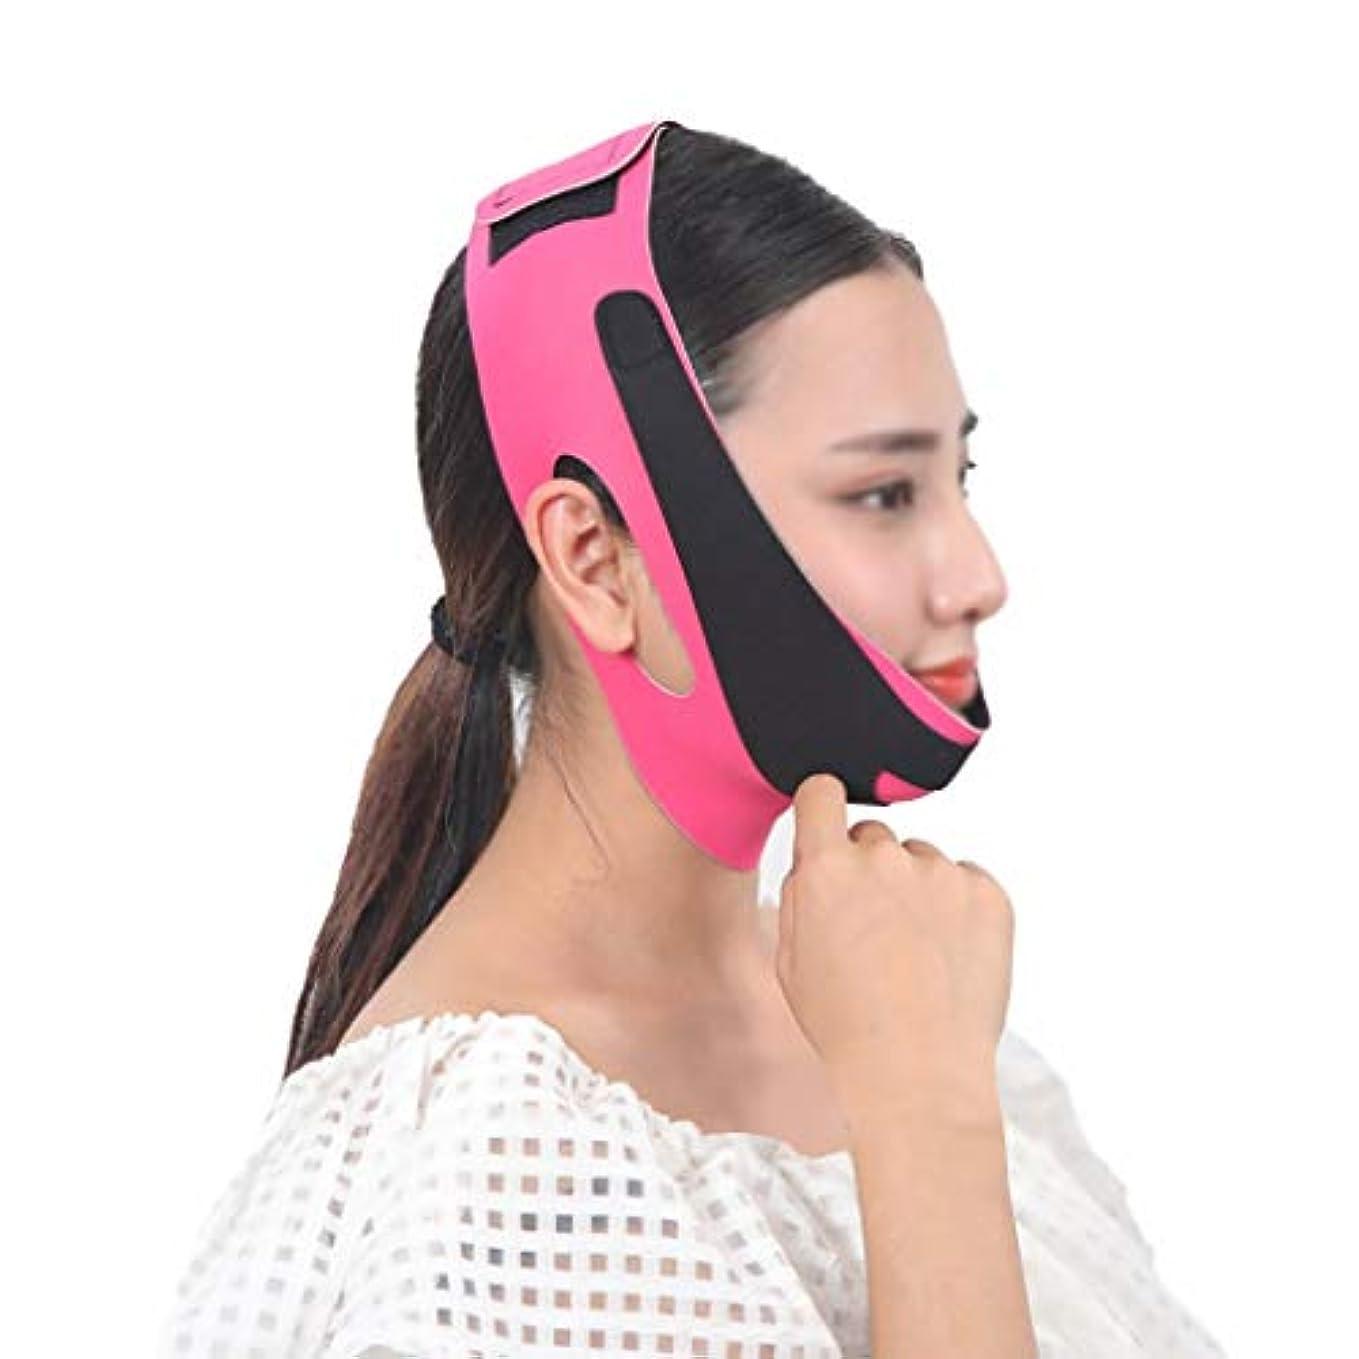 症候群冬揺れる顔と首リフト術後弾性フェイスマスク小さなV顔アーティファクト薄い顔包帯アーティファクトV顔吊り耳リフティング引き締まった薄い顔アーティファクト